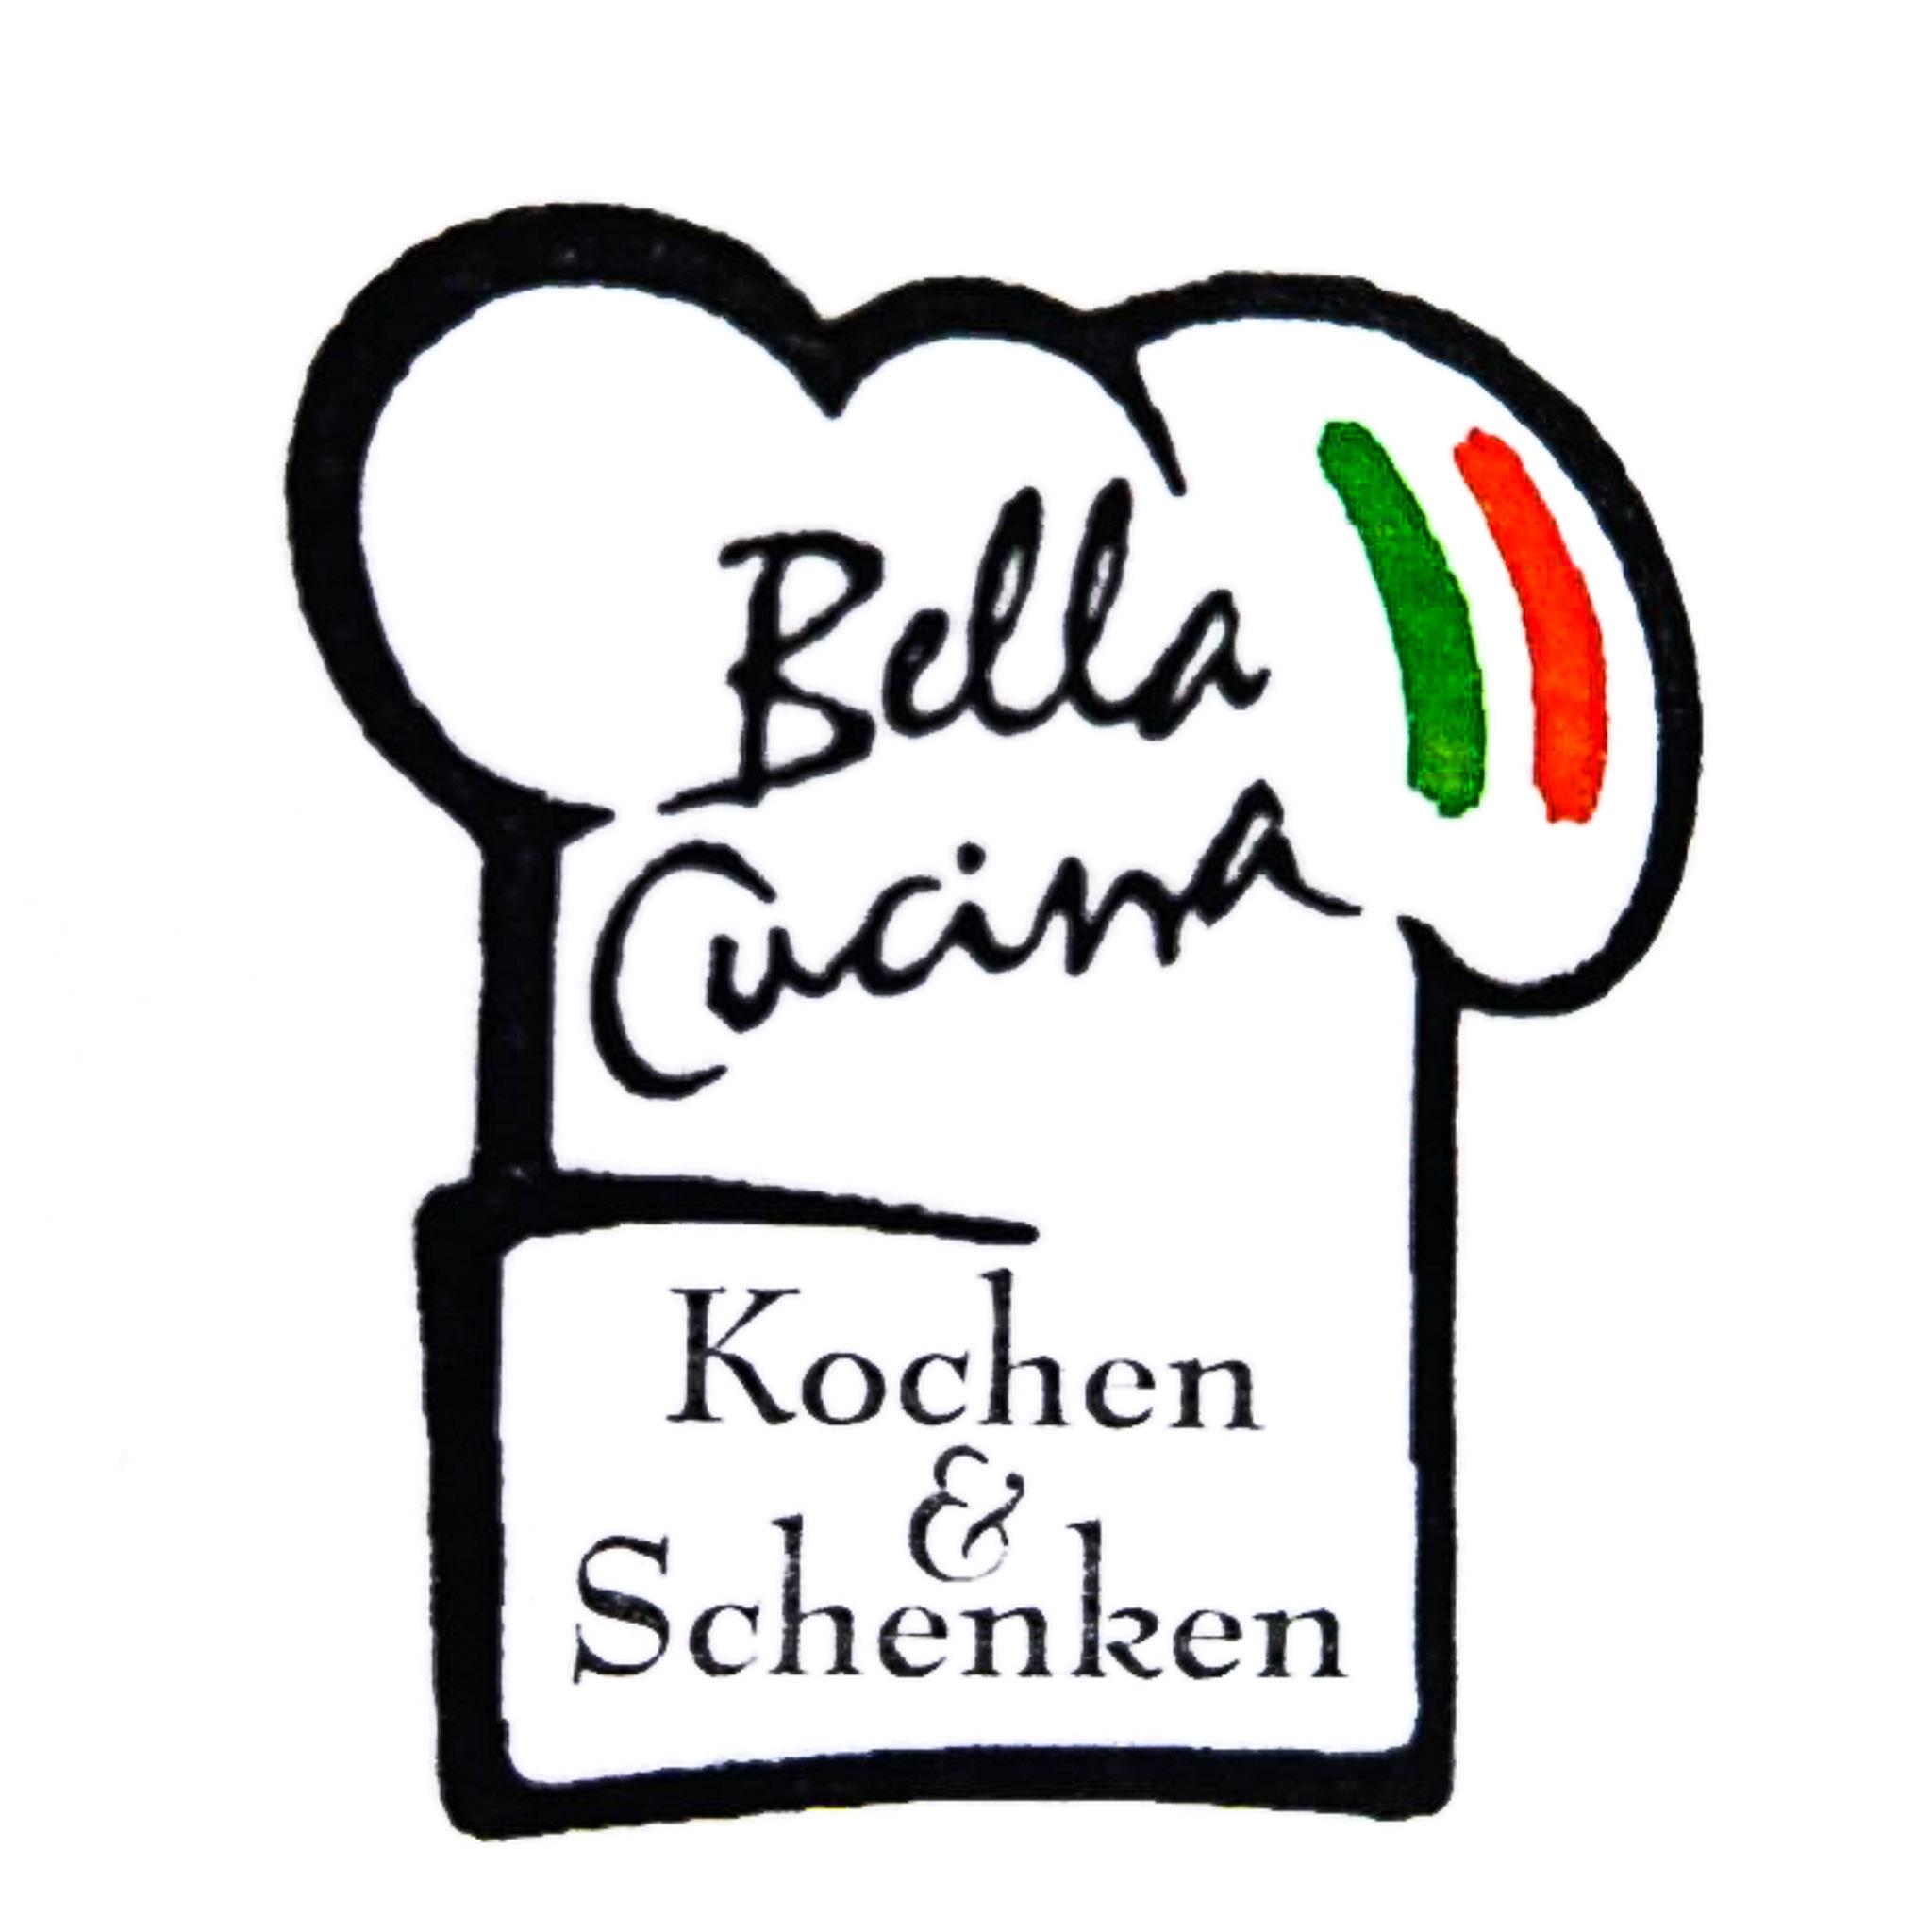 Der Küchenladen Bella Cucina, Burgw.